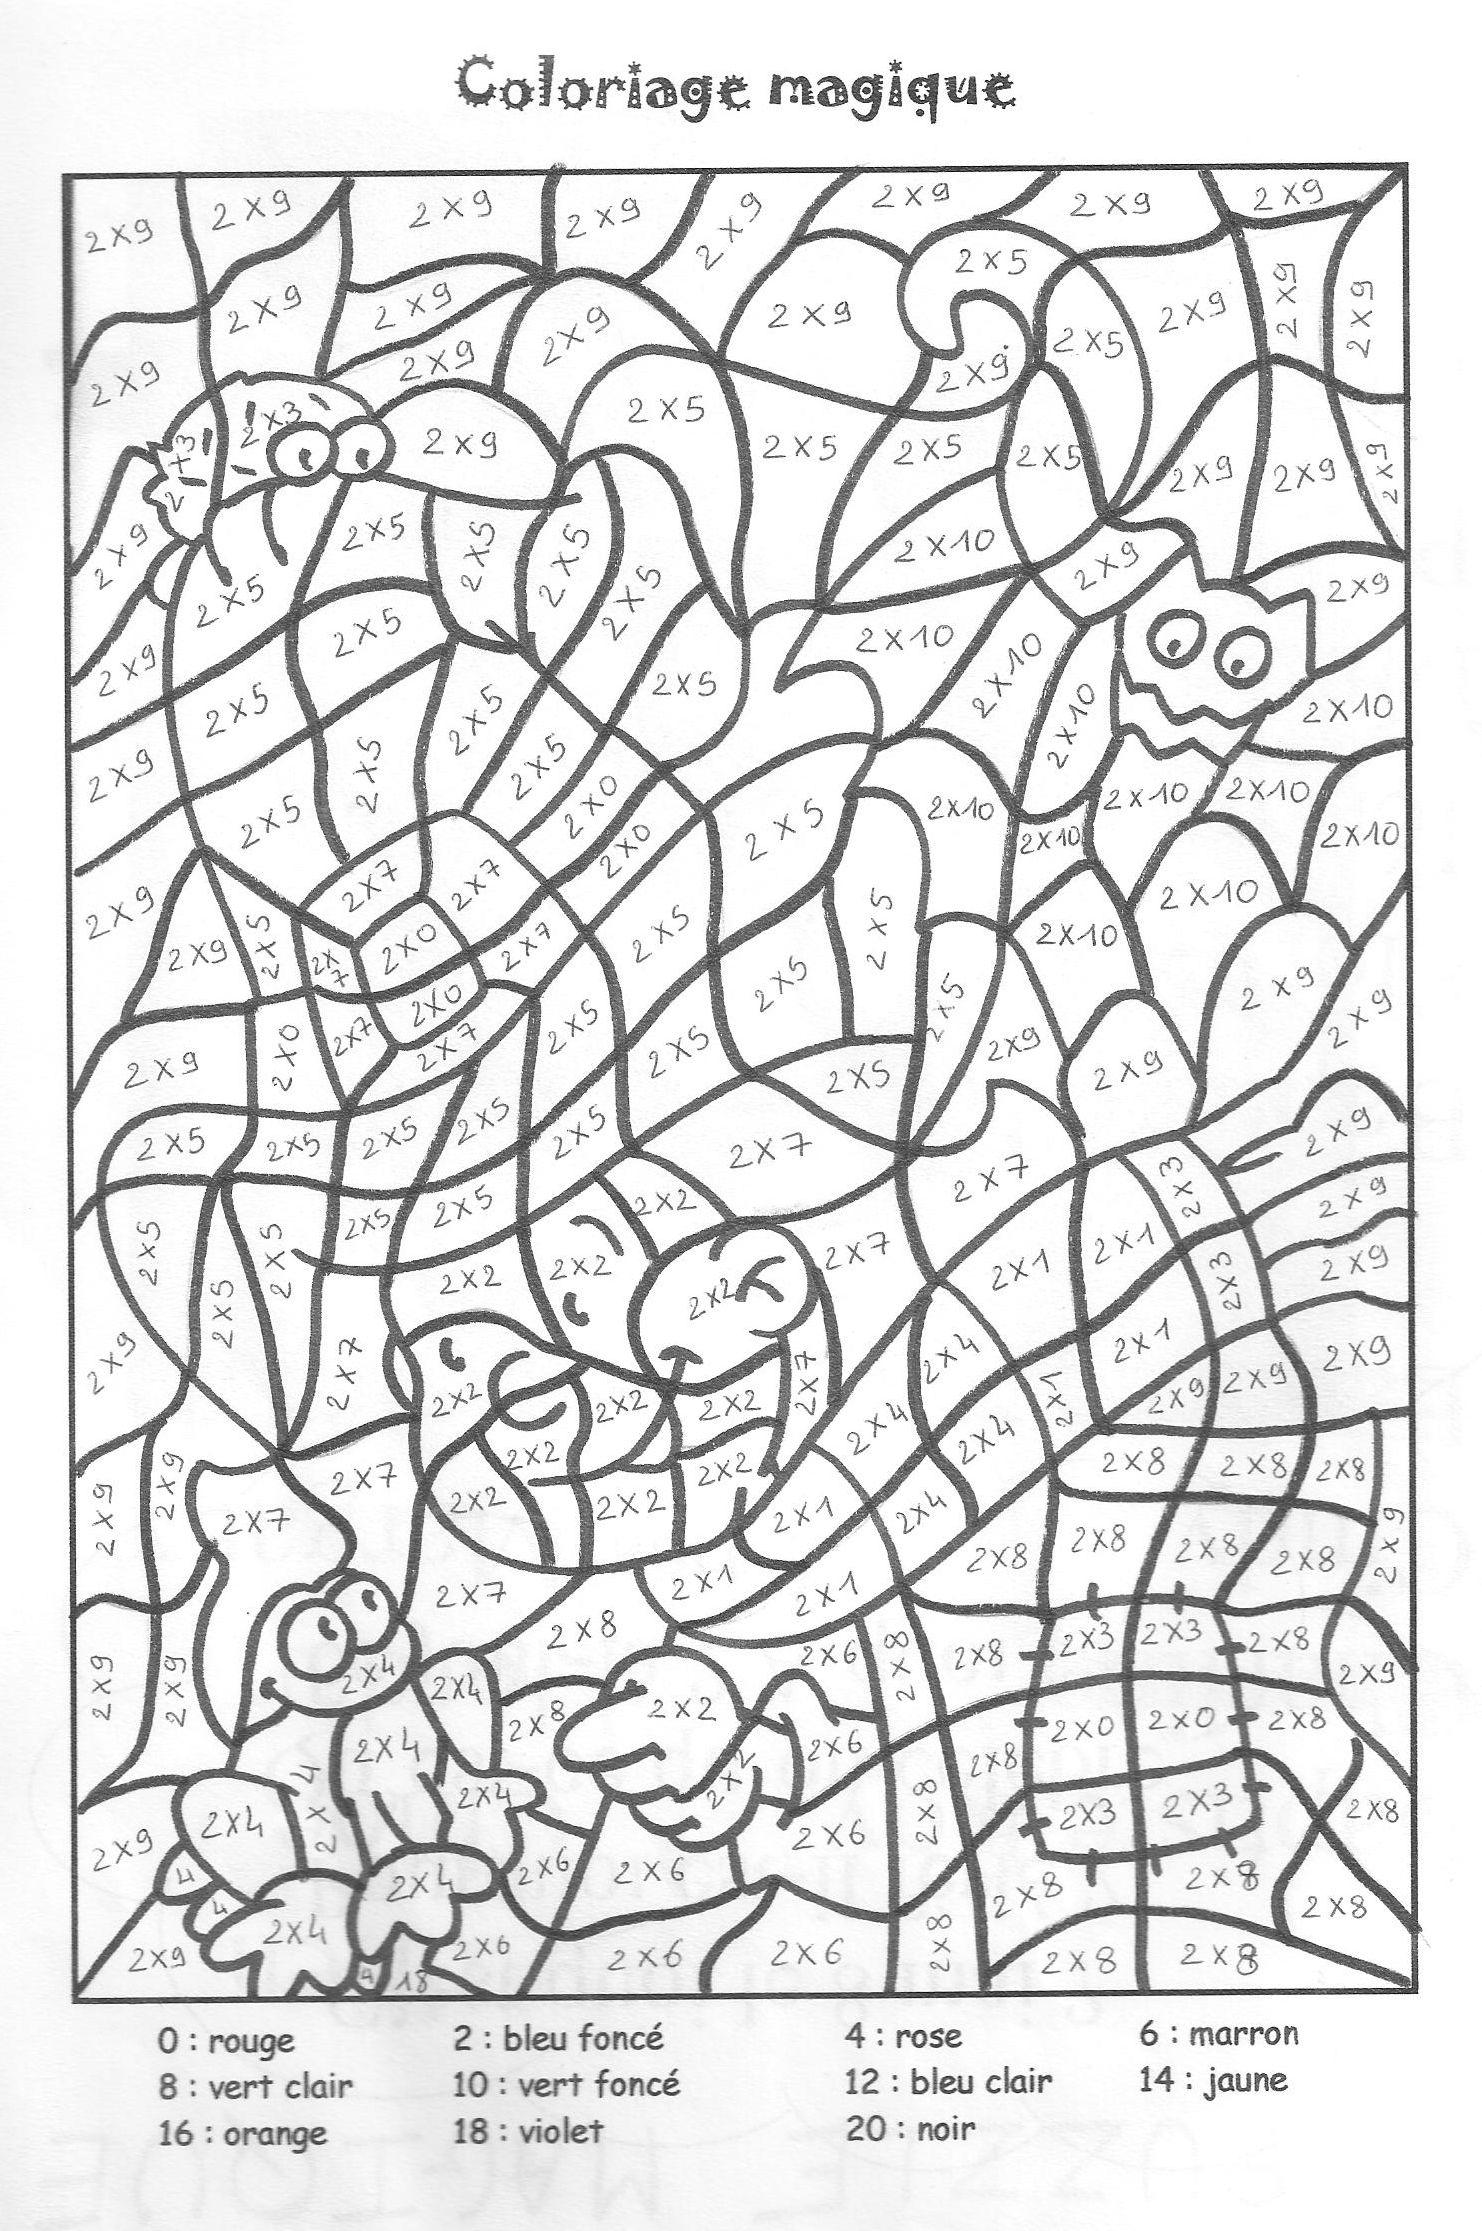 Coloriage Magique 4 À Imprimer - Coloriages Magiques À tout Jeux Educatif 4 Ans A Imprimer